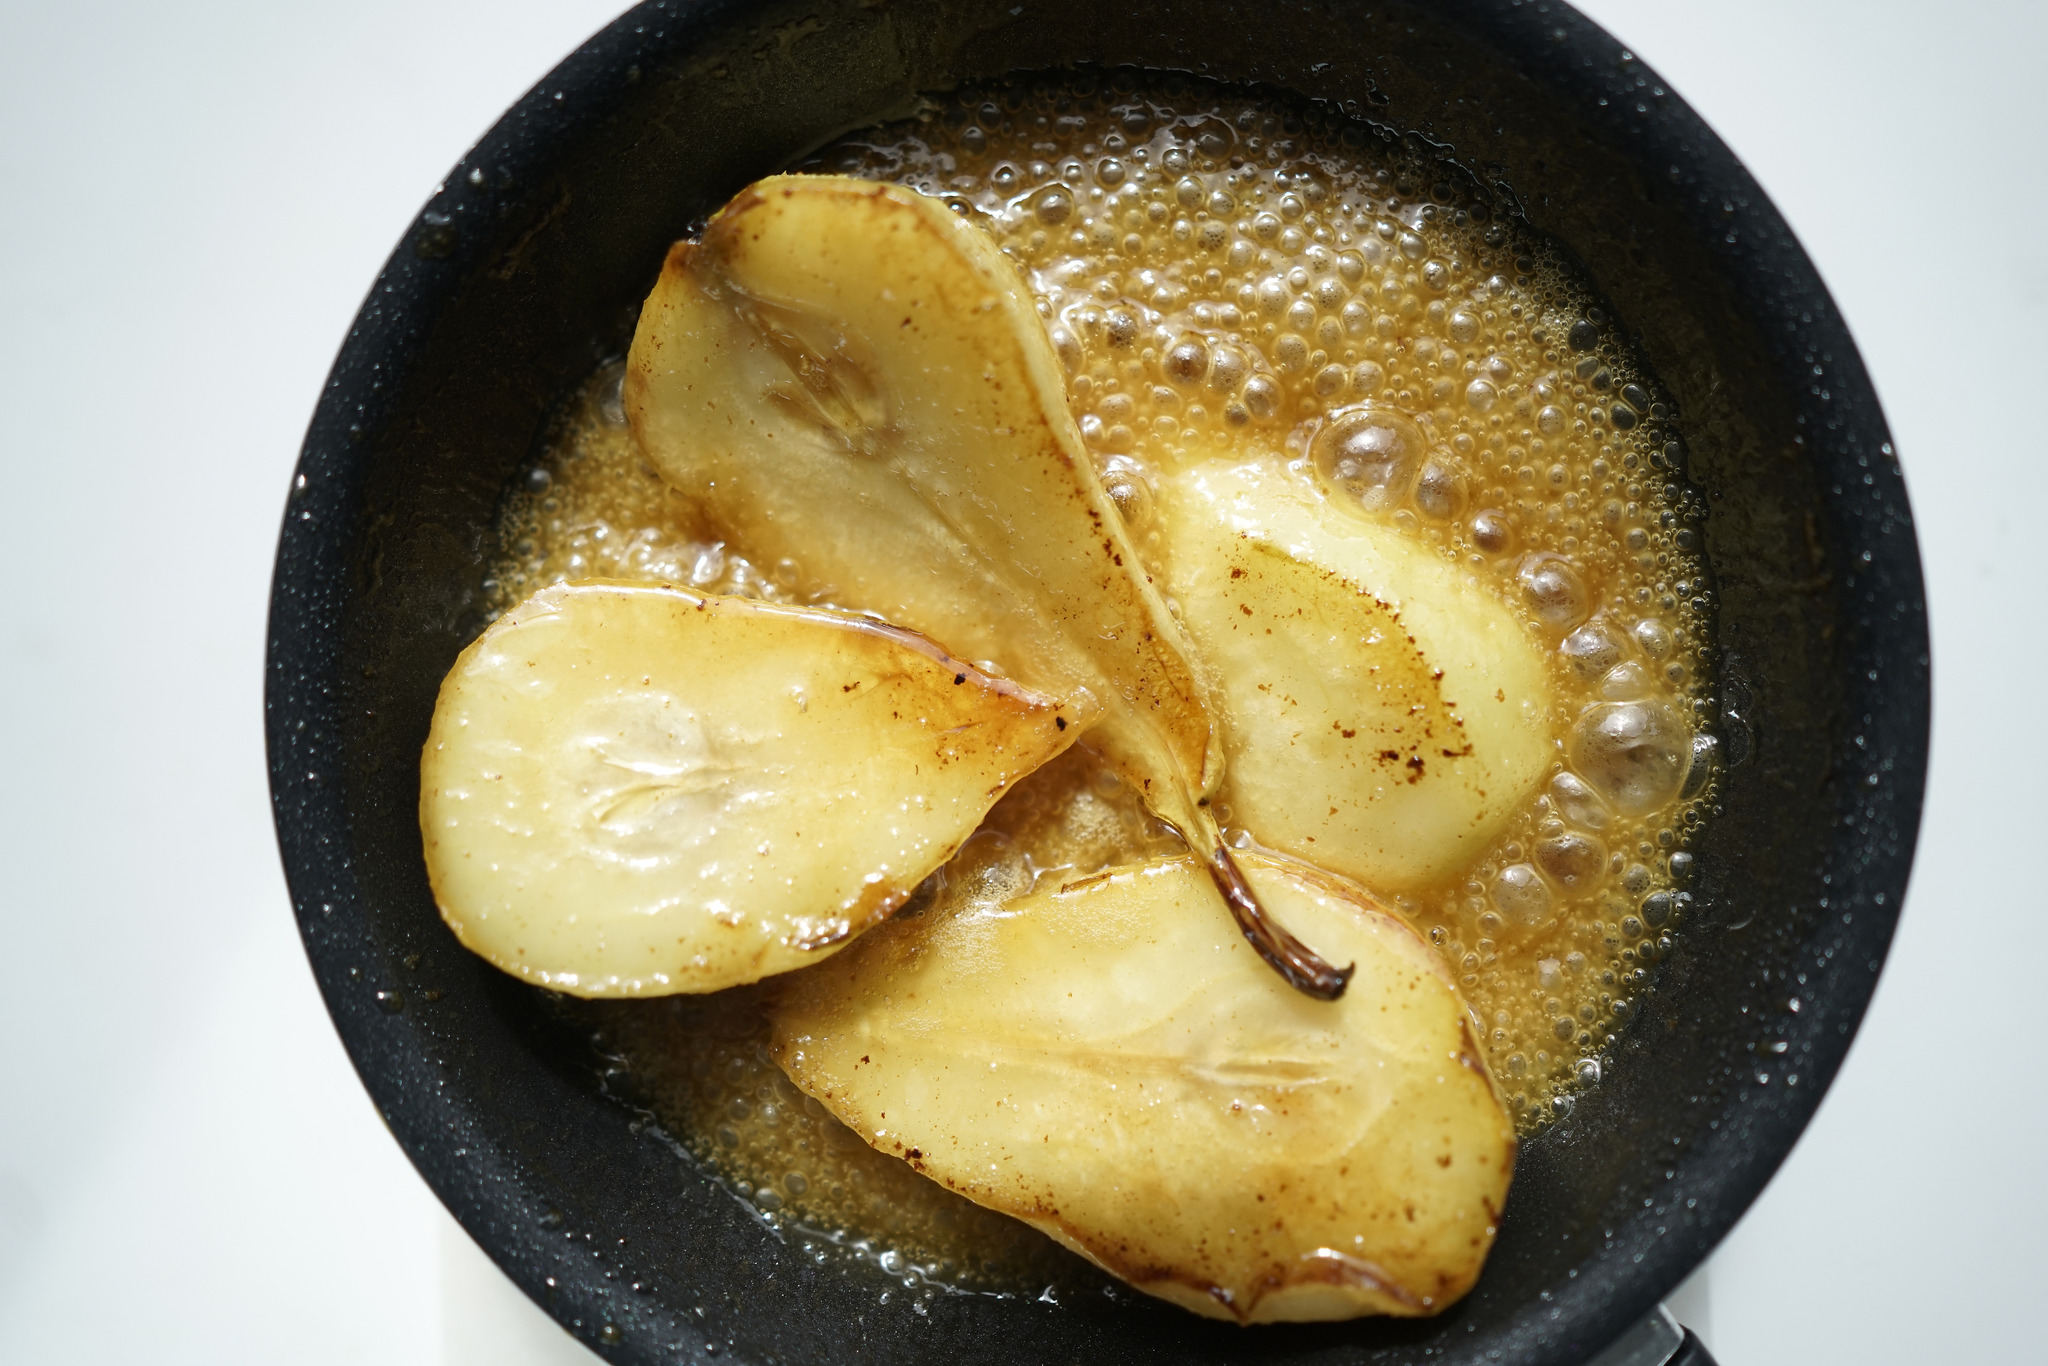 Ensalada de peras caramelizadas